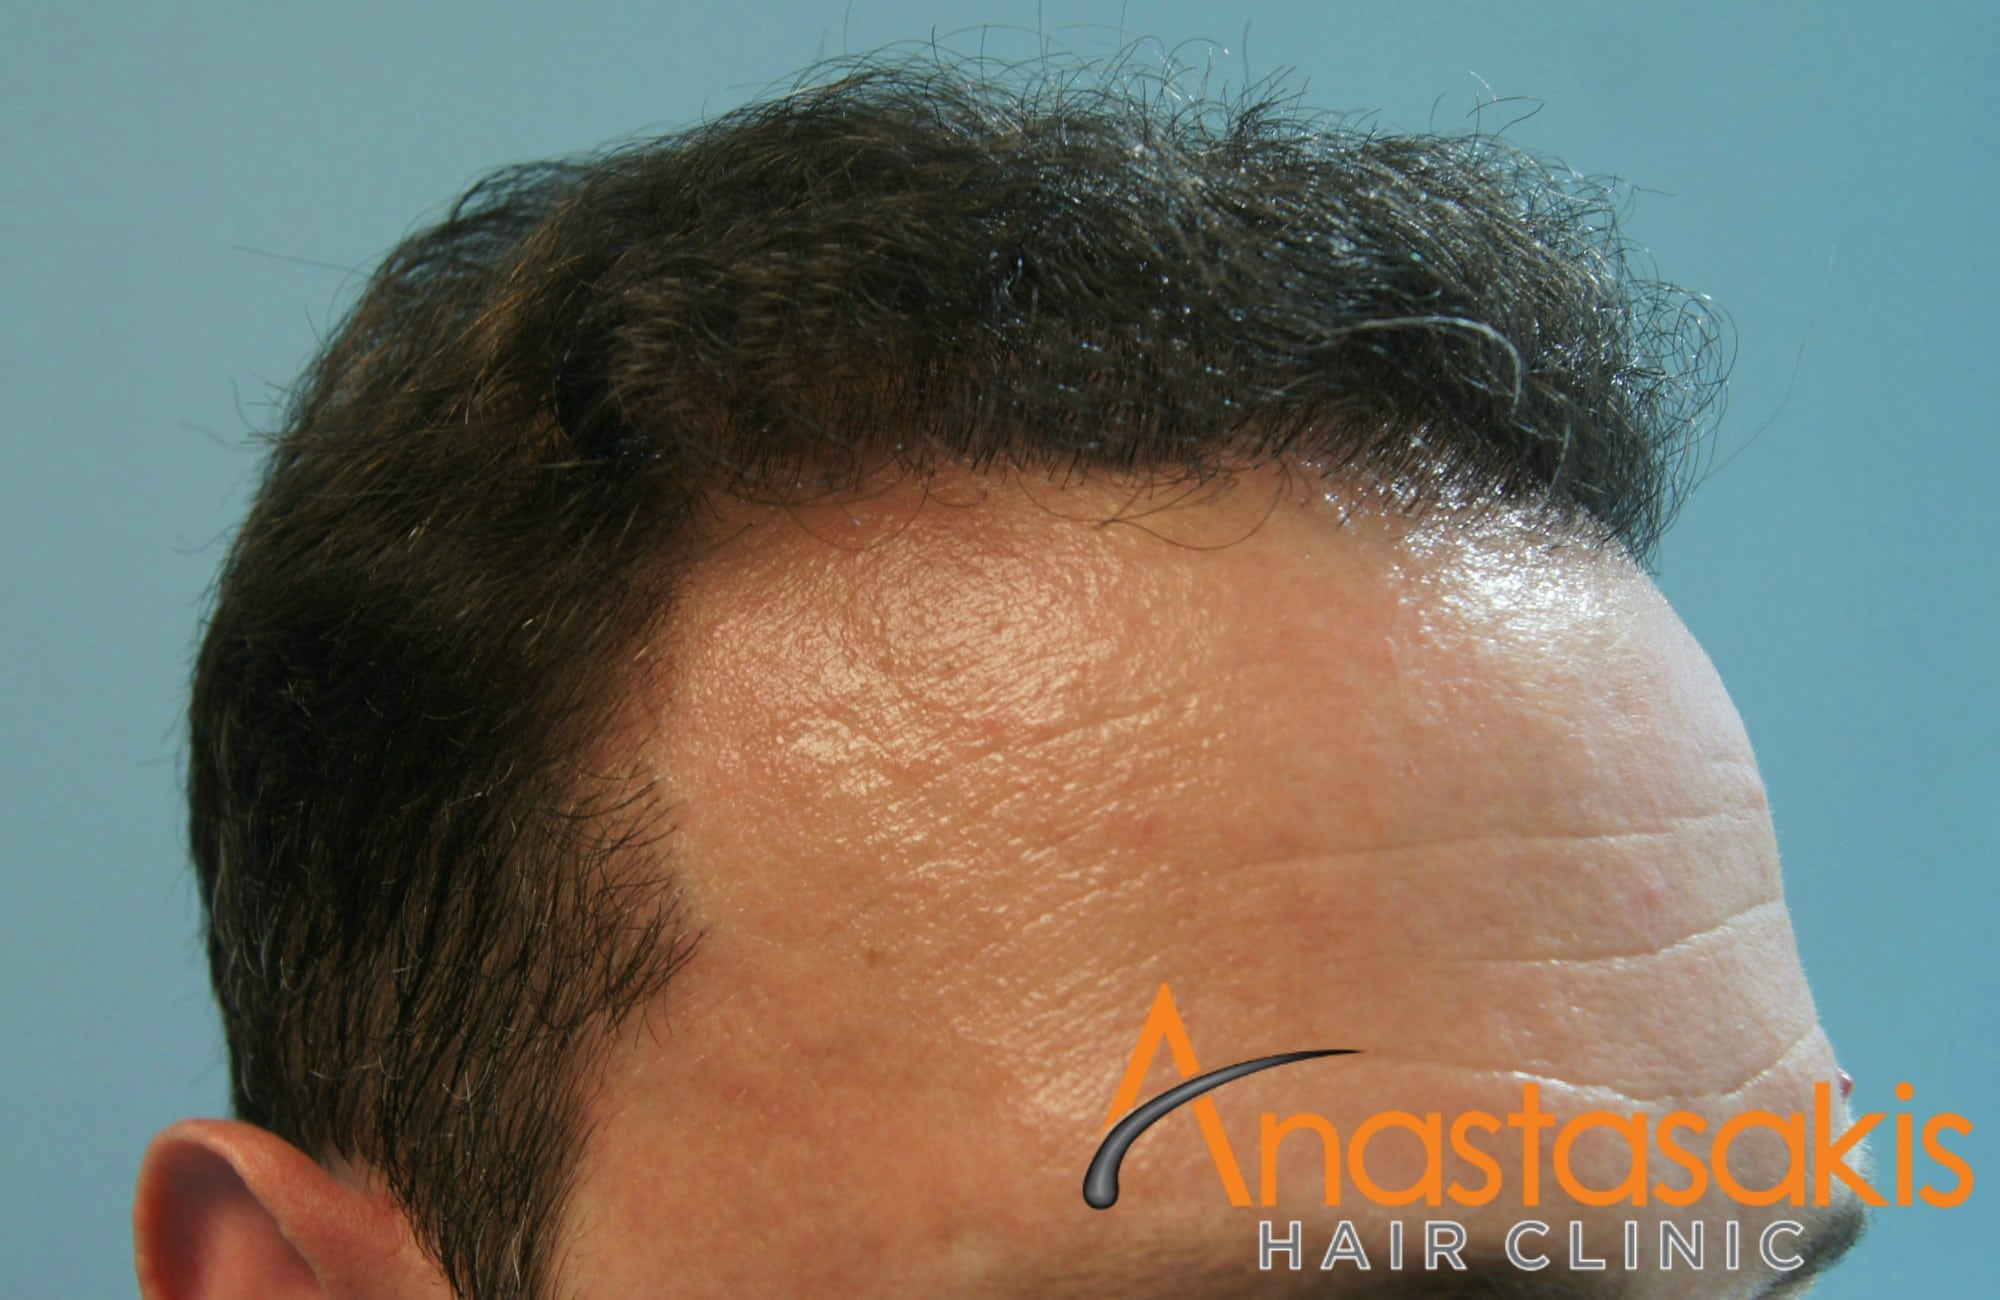 αριστερο προφιλ 2 ασθενους μετα τη μεταμοσχευση μαλλιων με 3000 fus